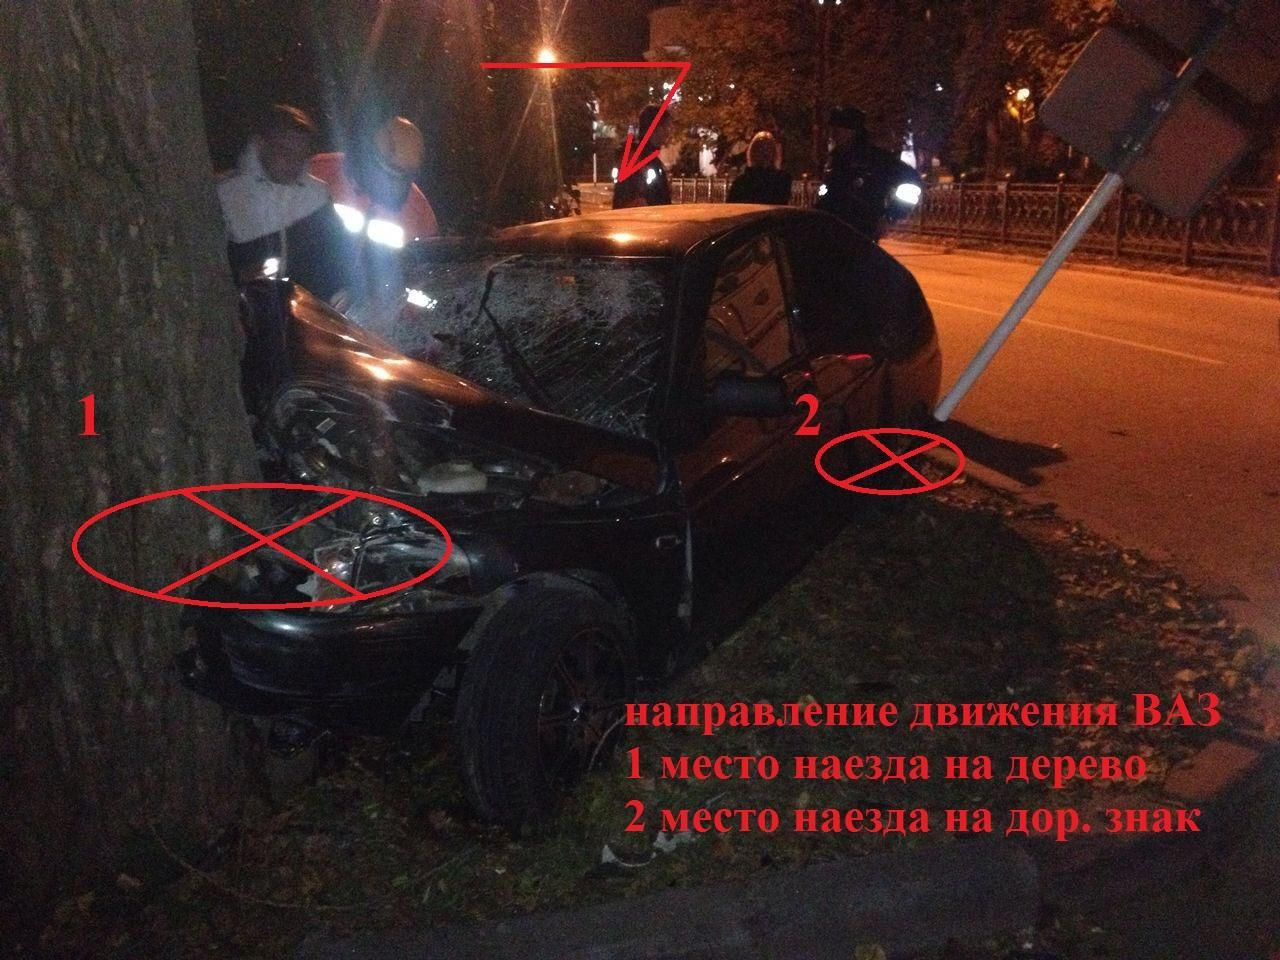 ВСтаврополе пьяная студентка без прав врезалась вдерево, пассажир вкоме